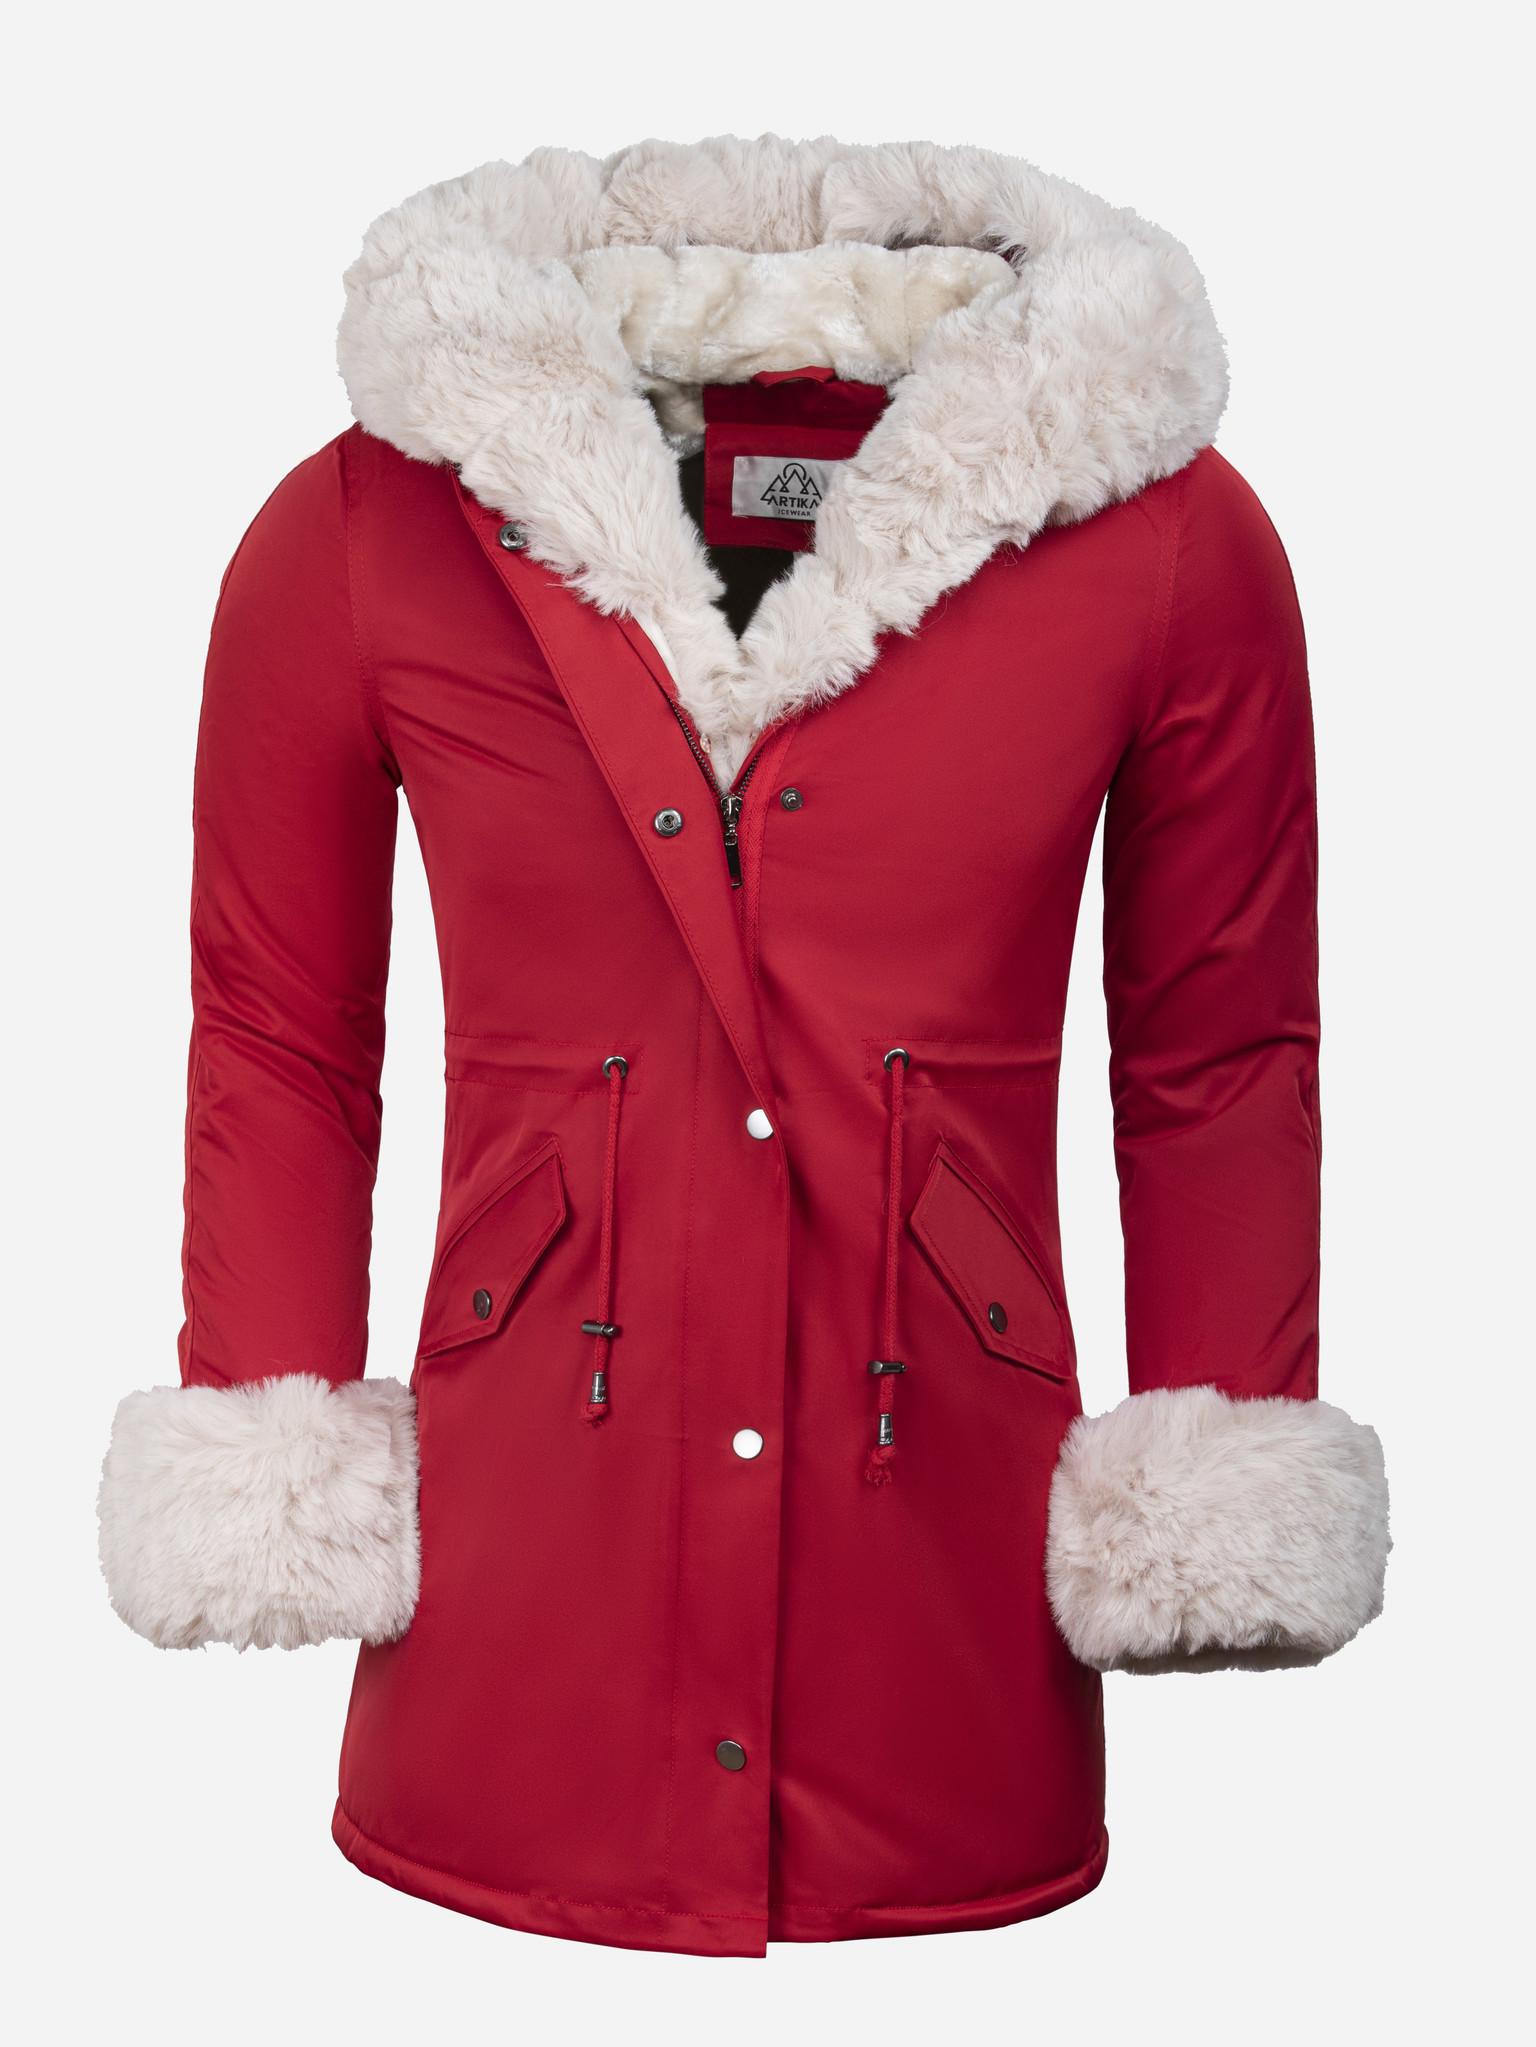 Artika Icewear Winterjas Dames L524-1662 Red Beige Maat: 2XL